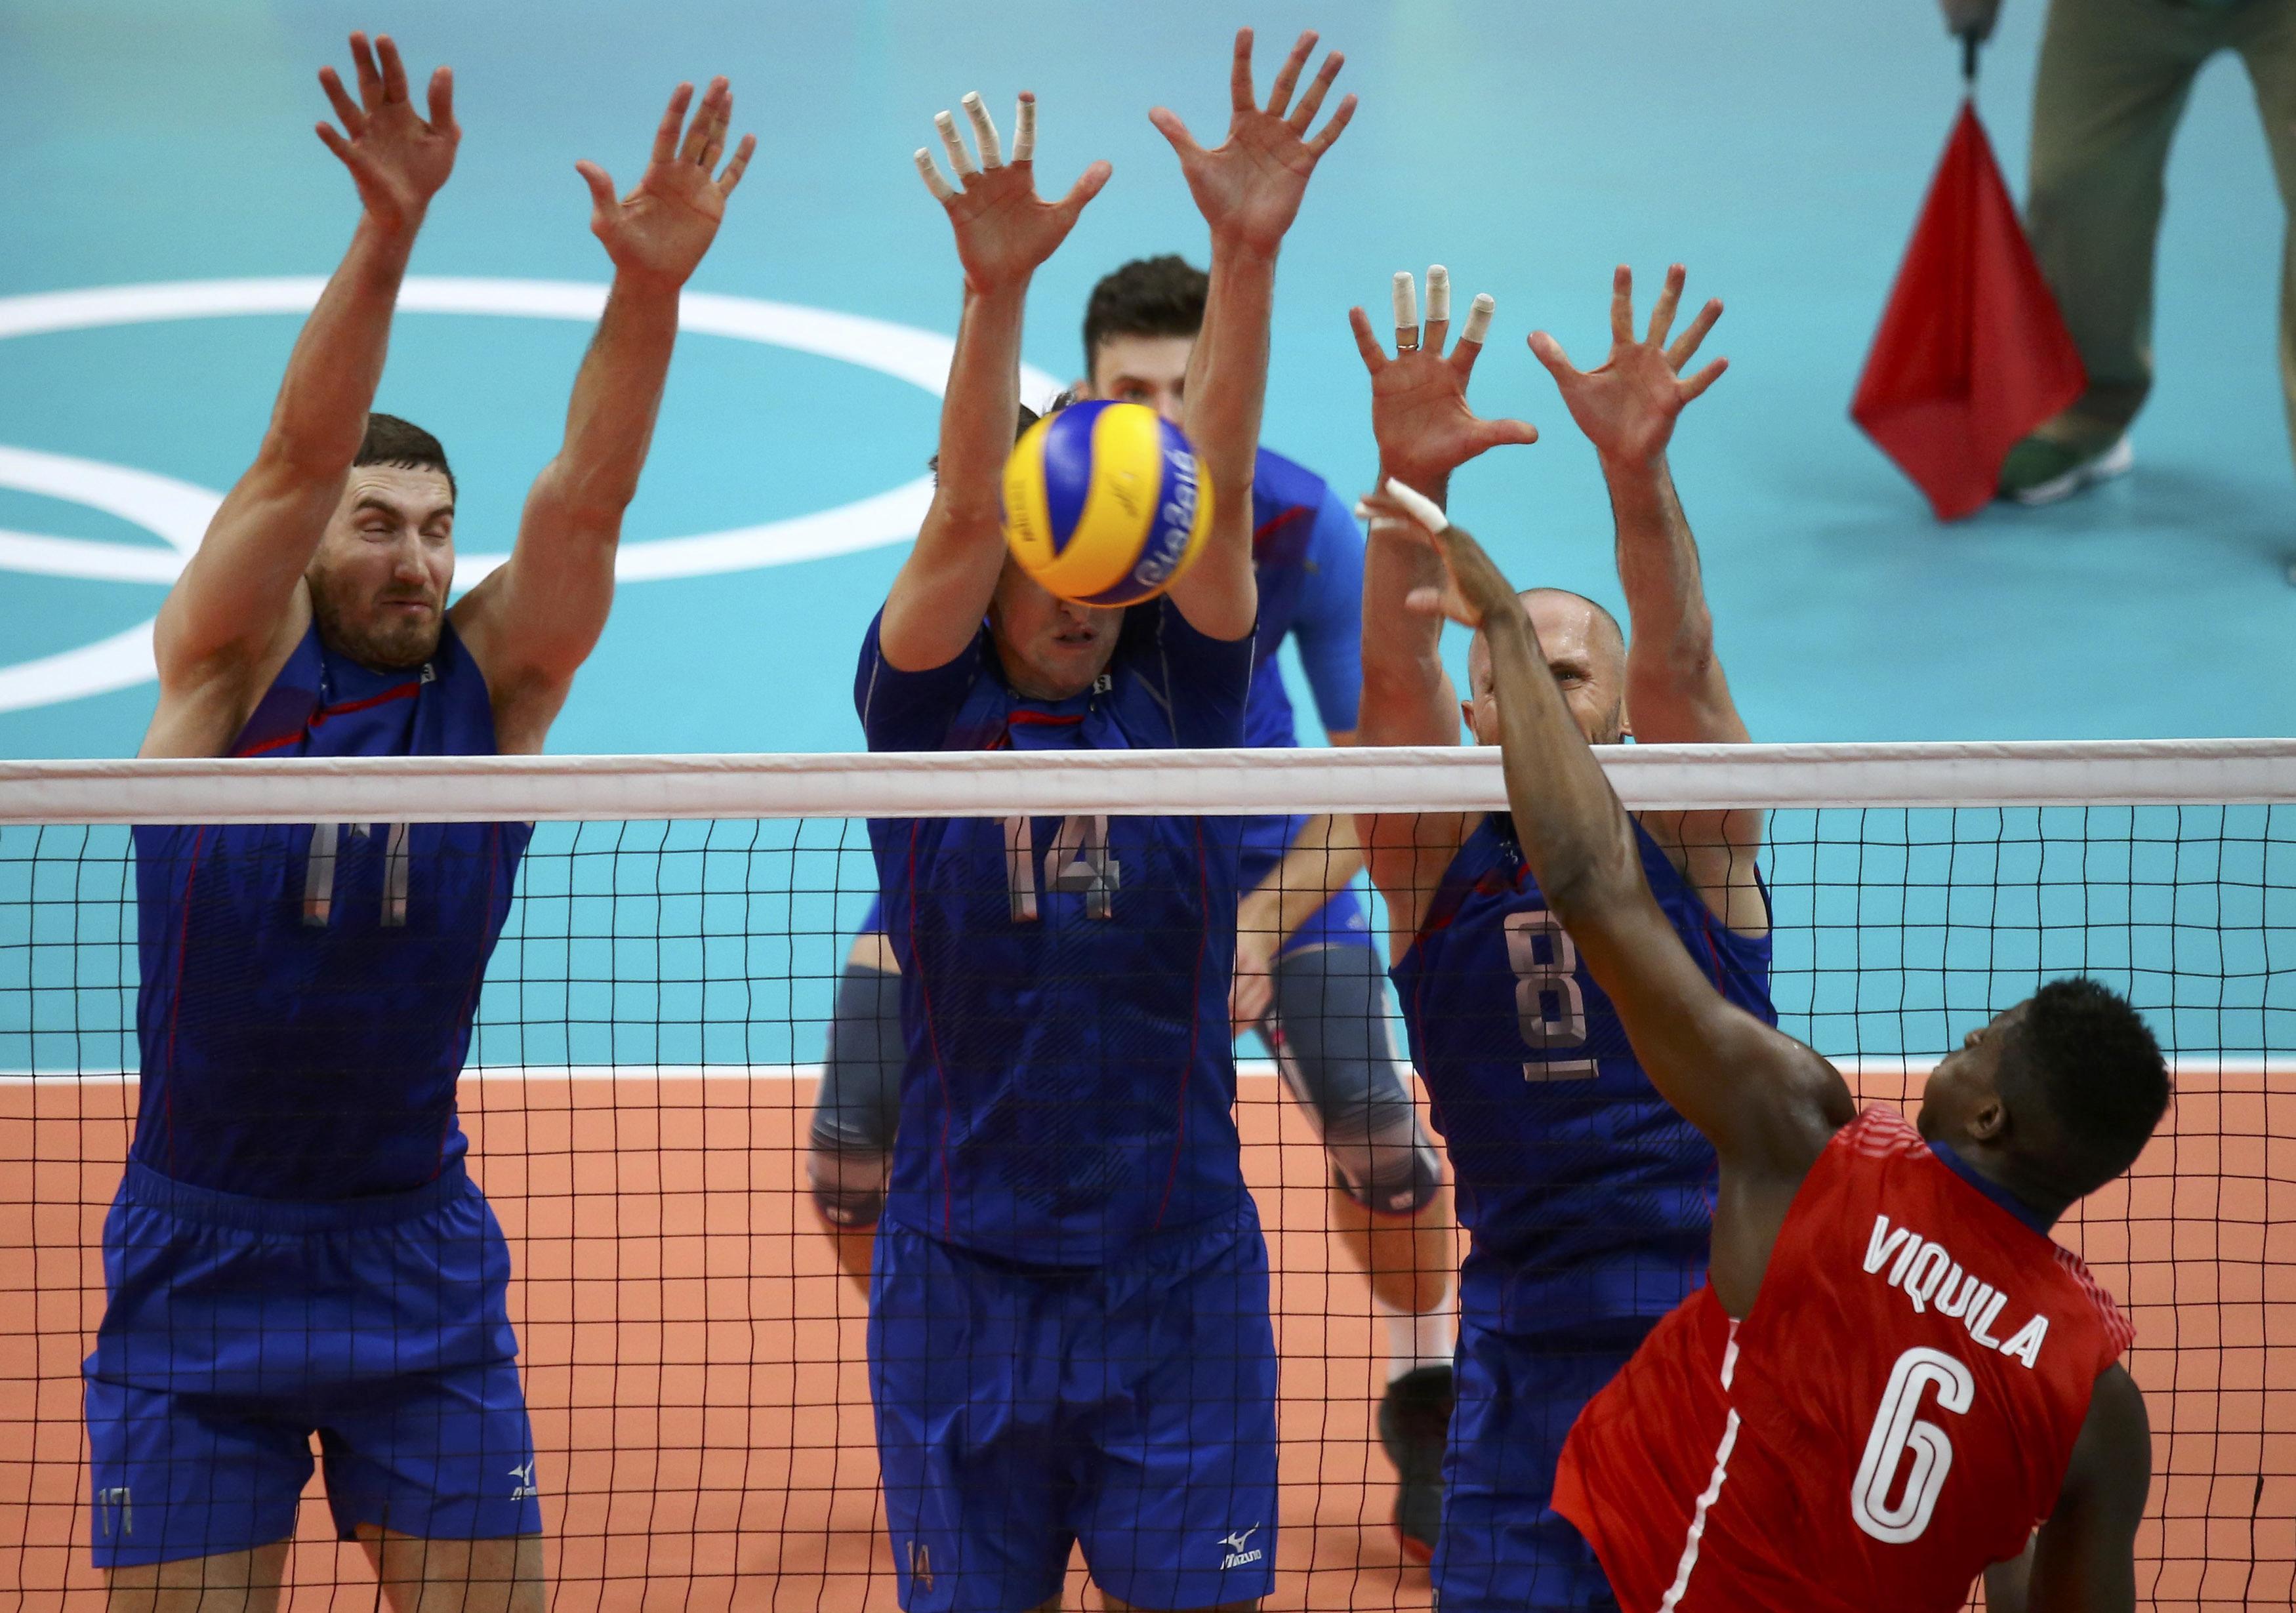 Олимпиада волейбол мужчины 27 фотография